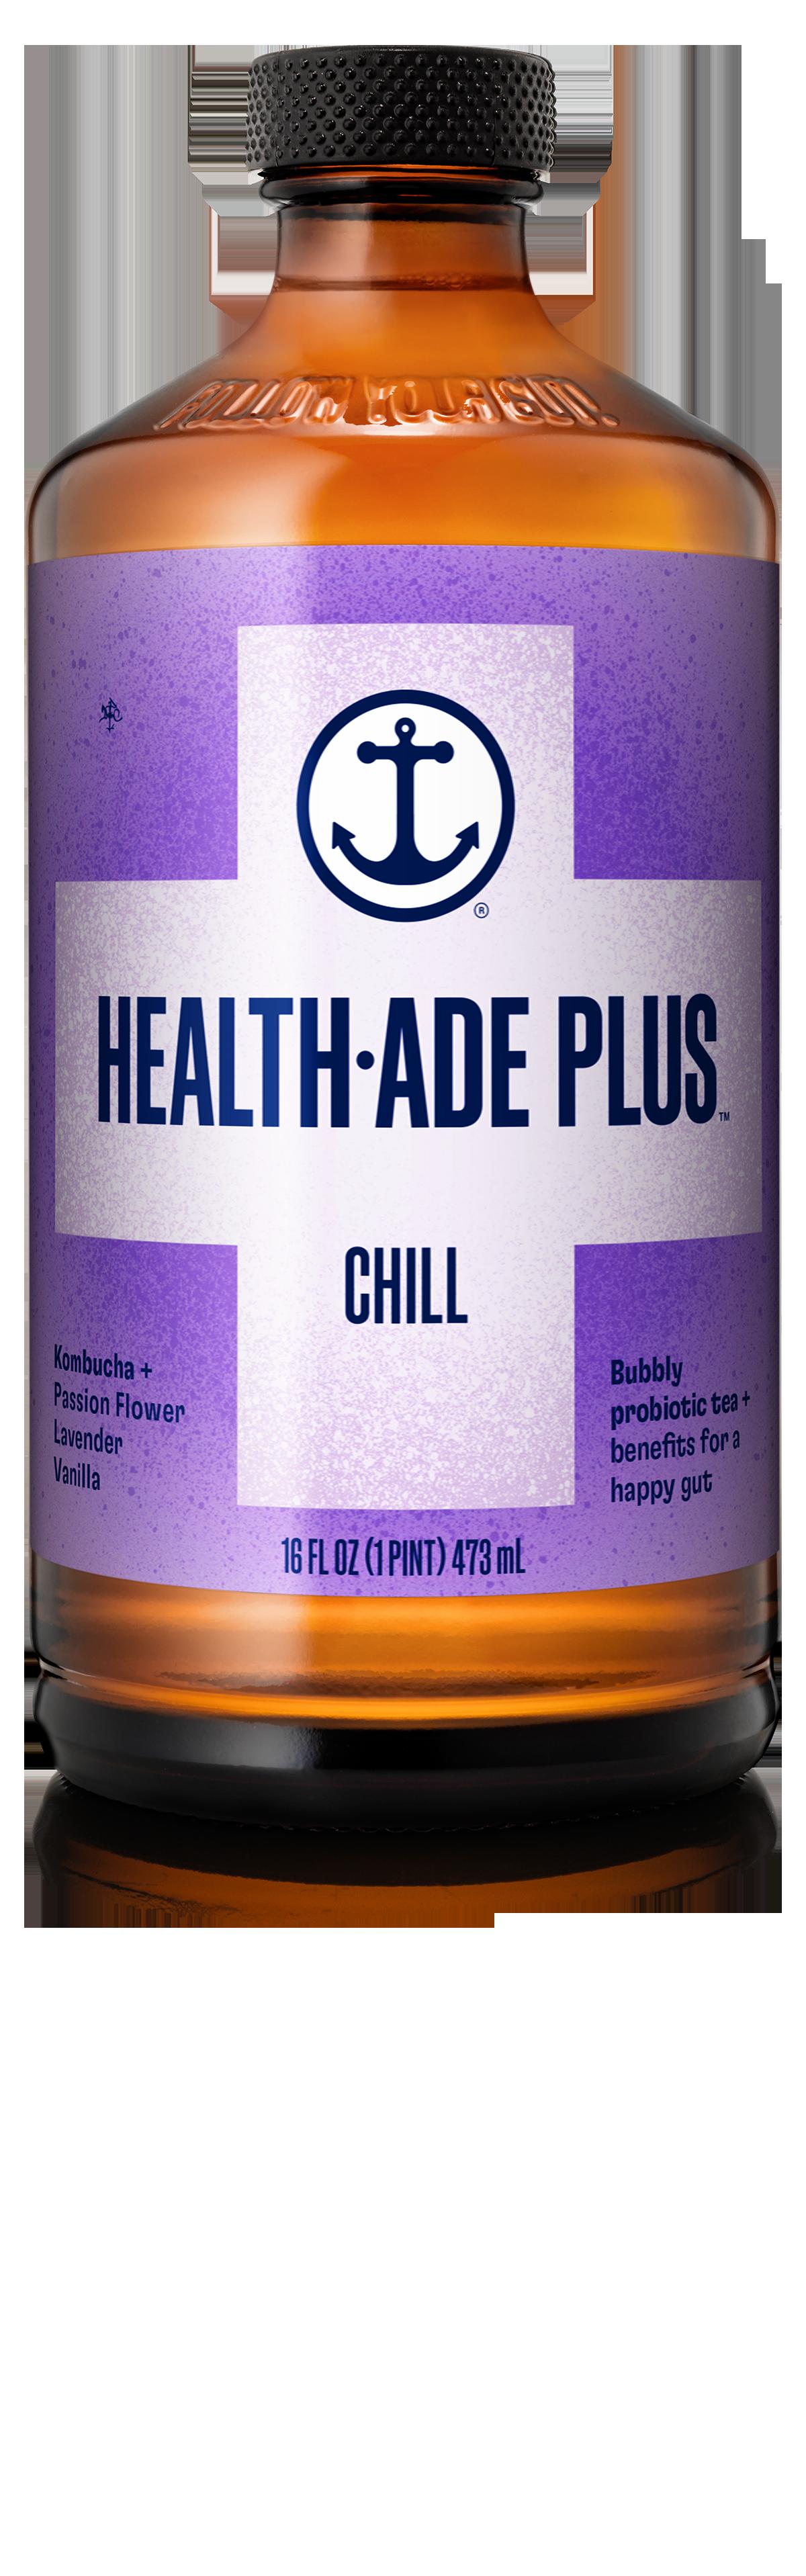 Health-Ade PLUS Chill